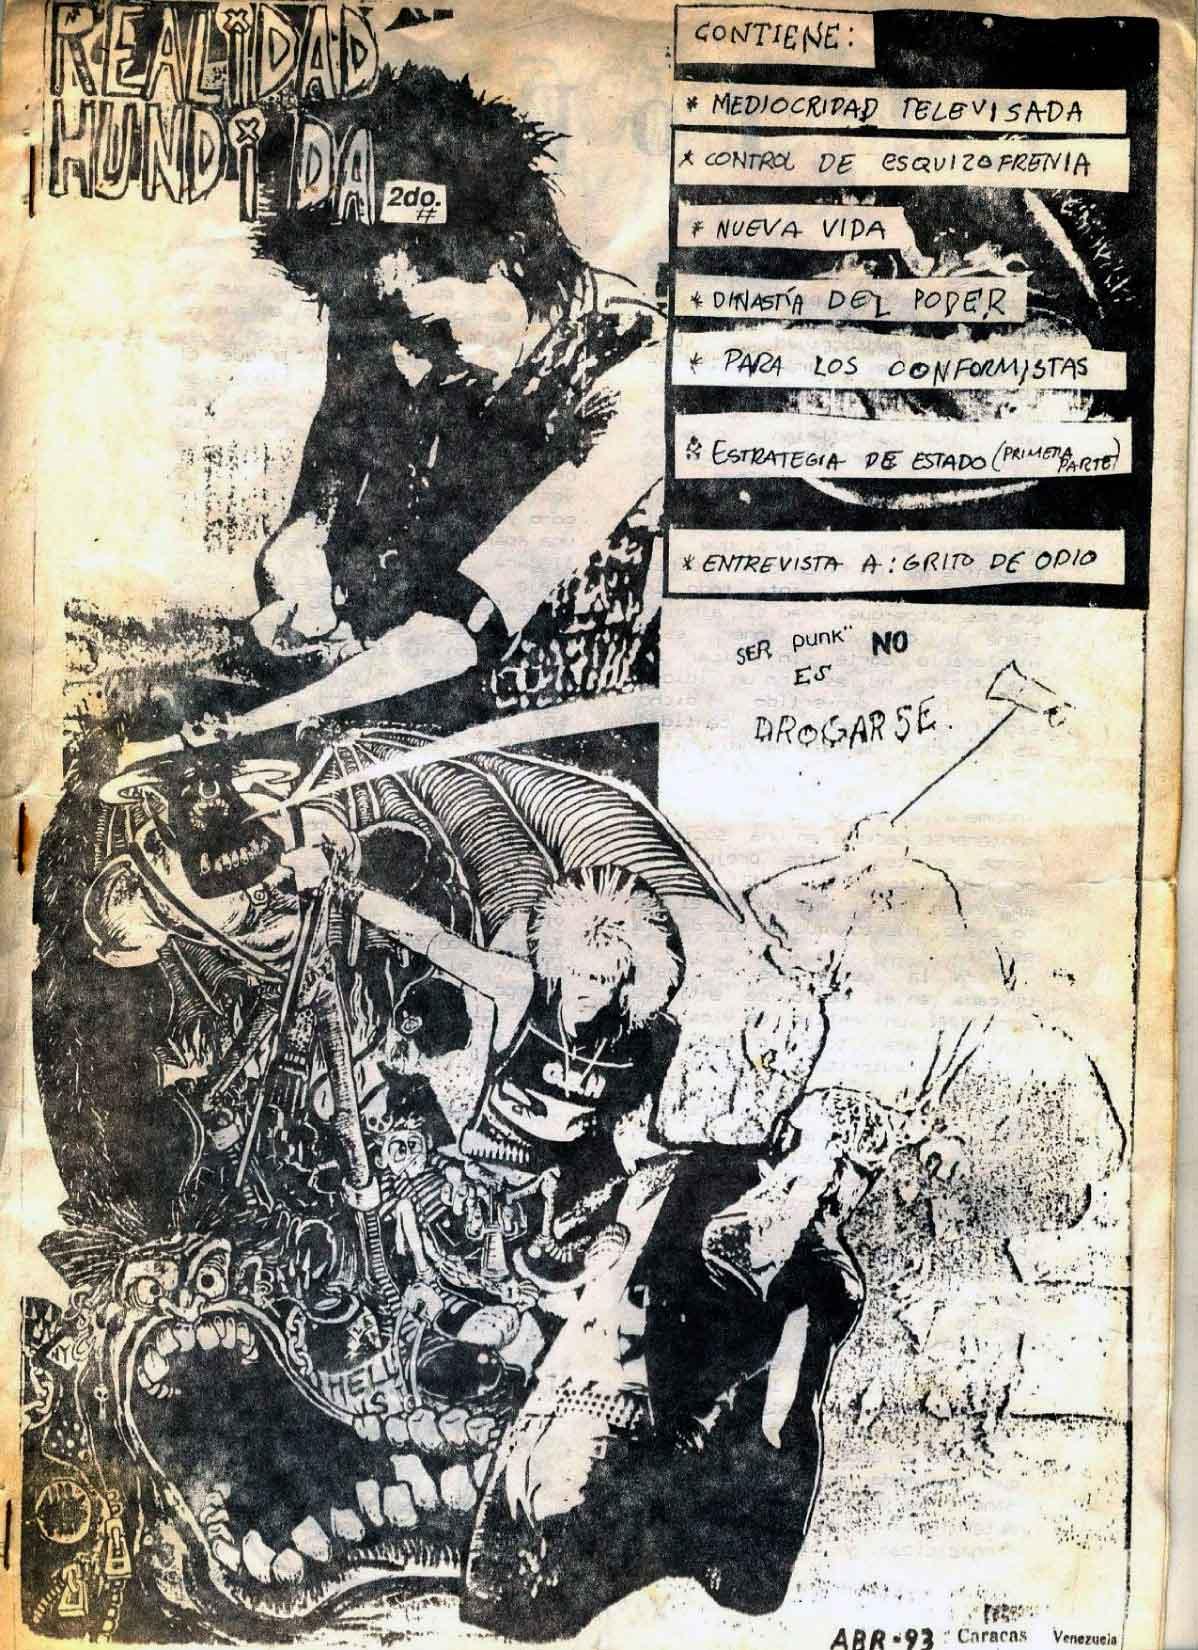 Realidad Hundida No. 2, 1993